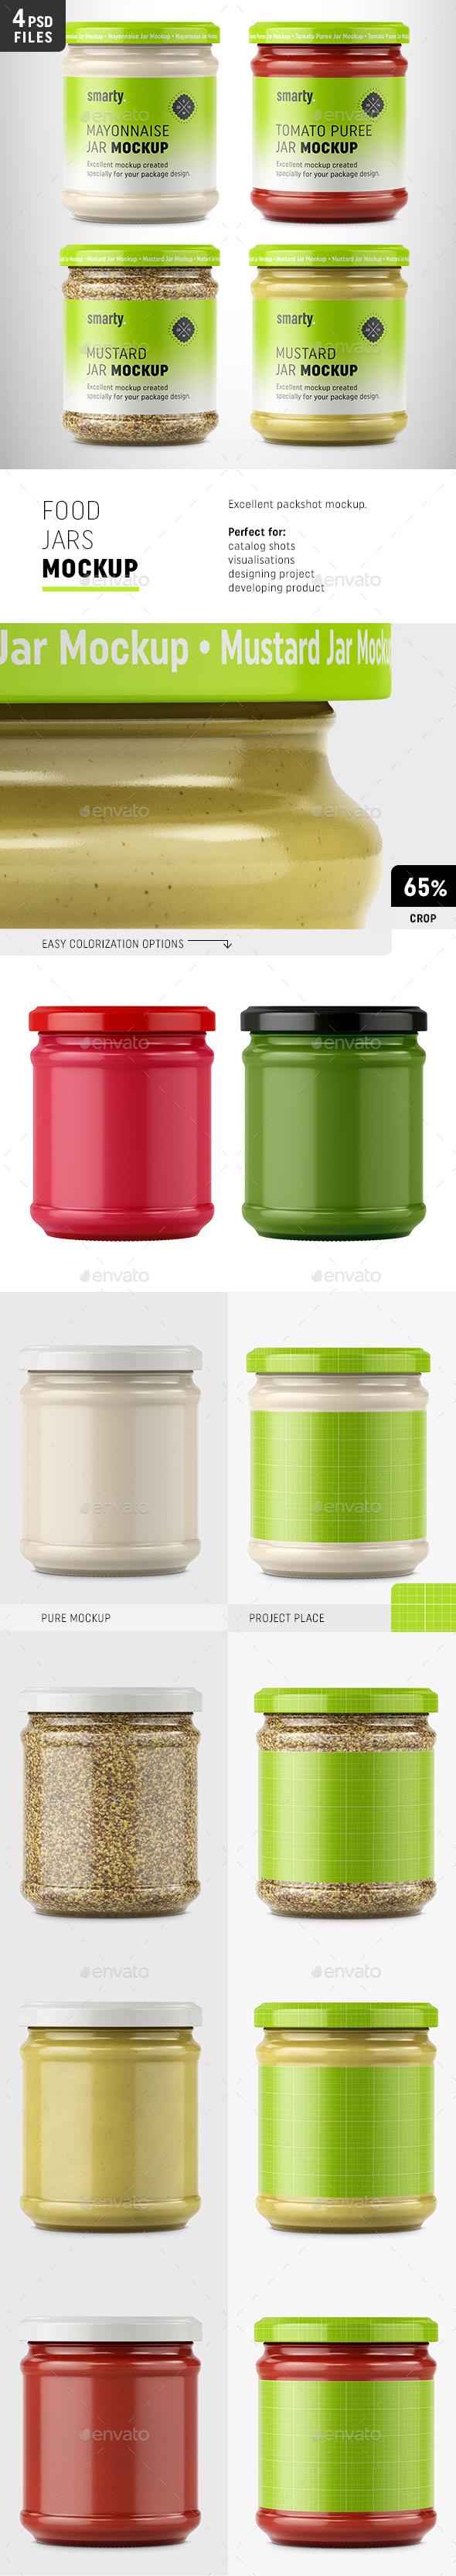 Food Jar Mockups - Food and Drink Packaging